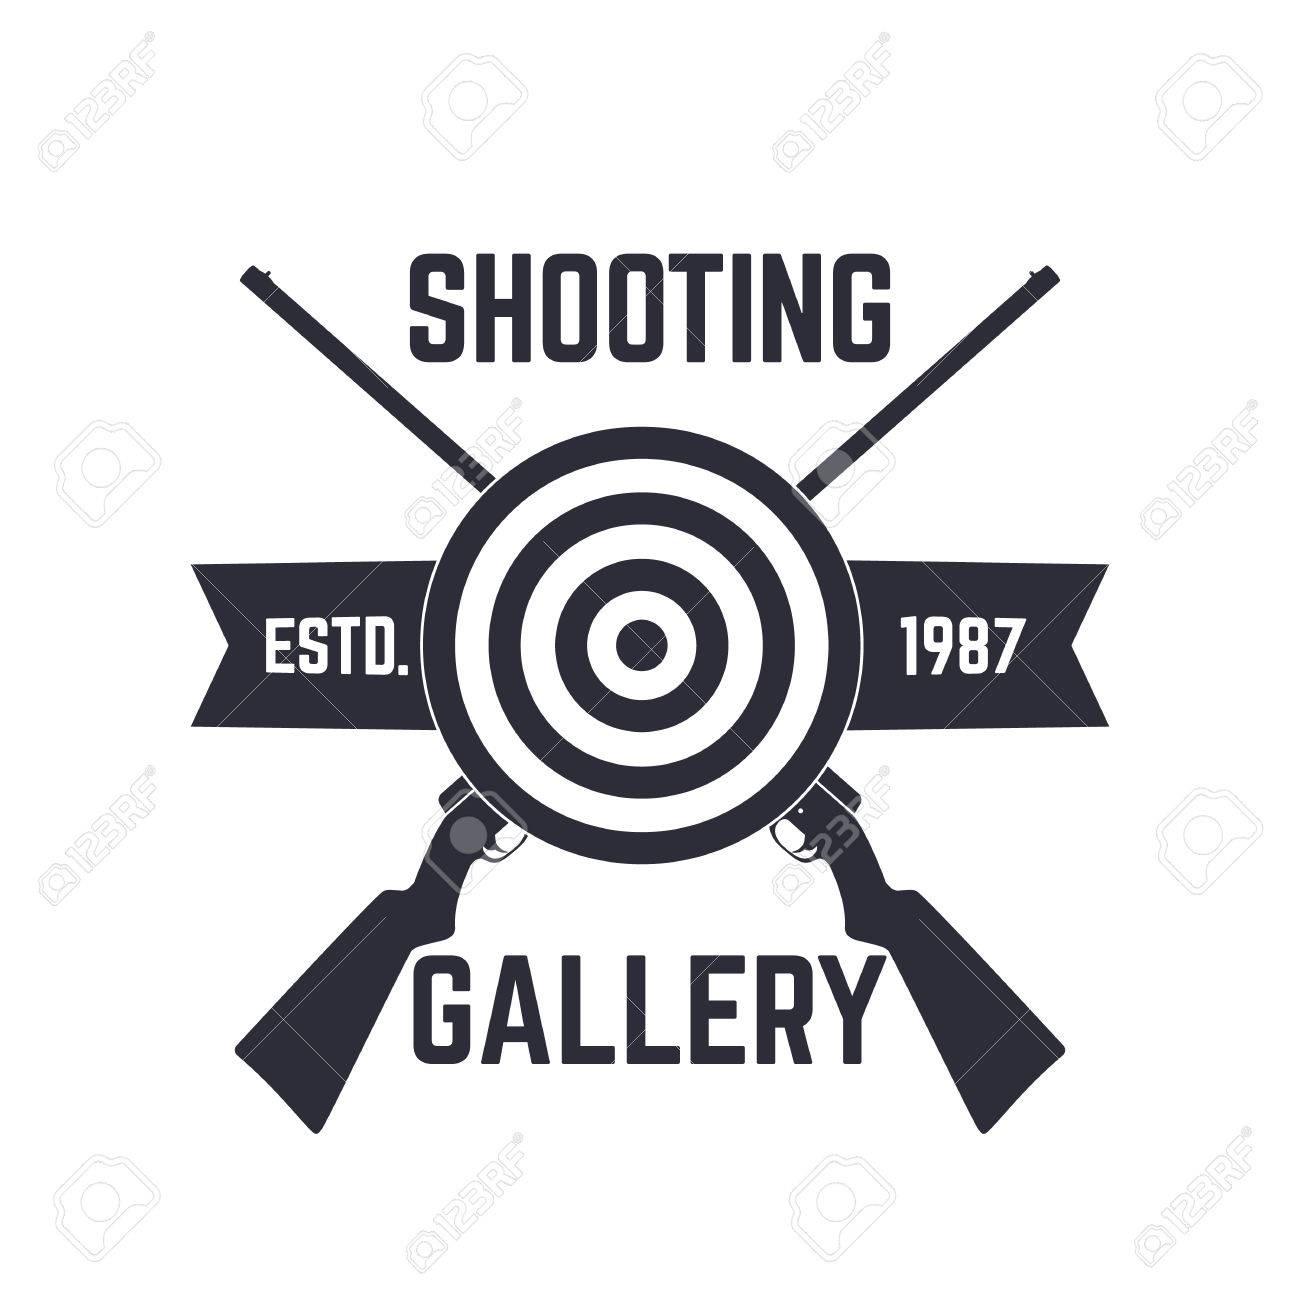 Disparos Plantilla De Logotipo Galería, Firmar Con Rifles Cruzados ...